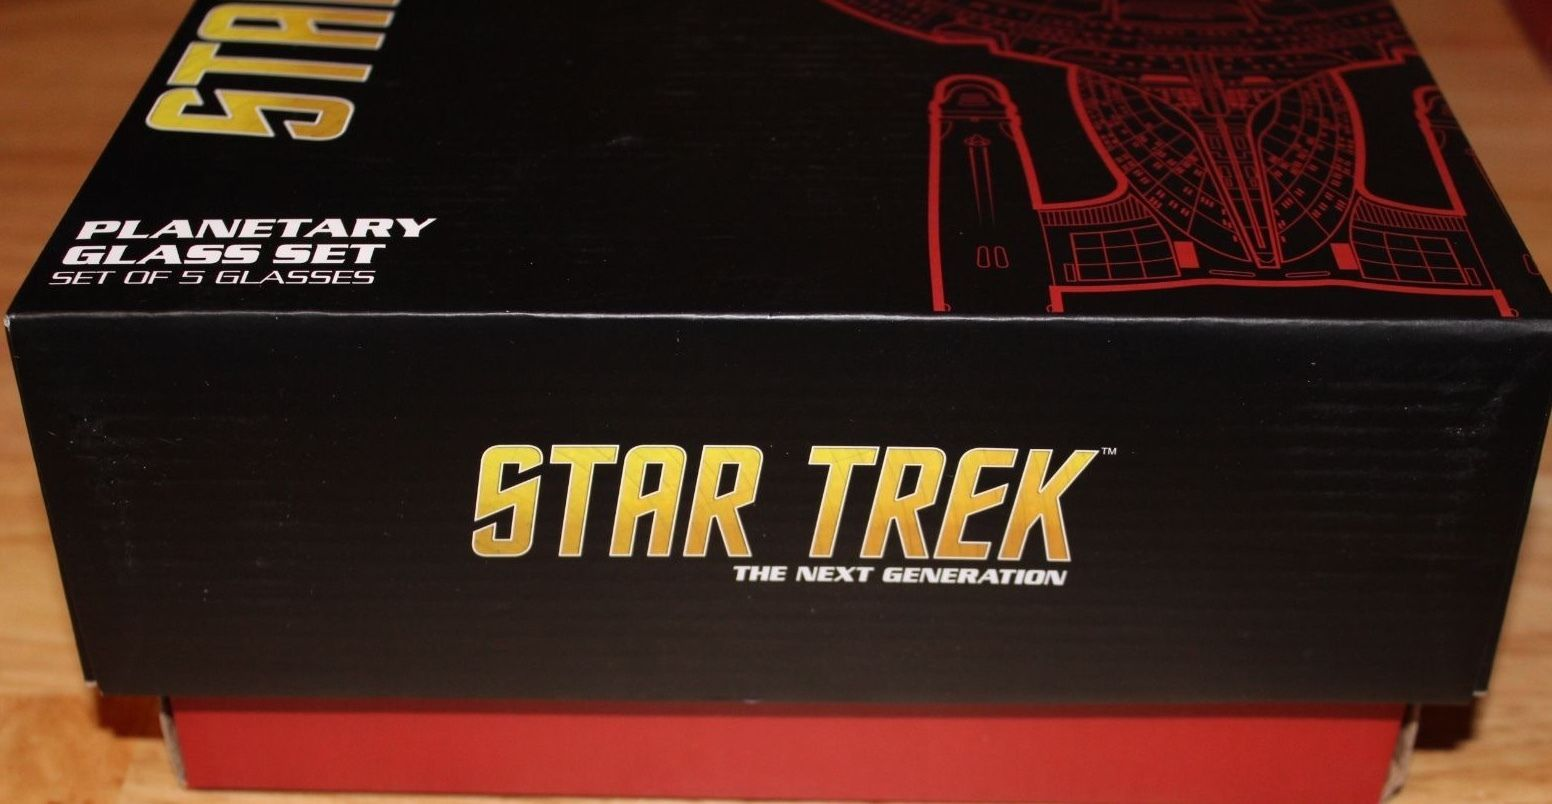 Star Trek Planetary 5 Planet Glass Set Borg Shot Earth Vulcan Romulus Qo'nos New